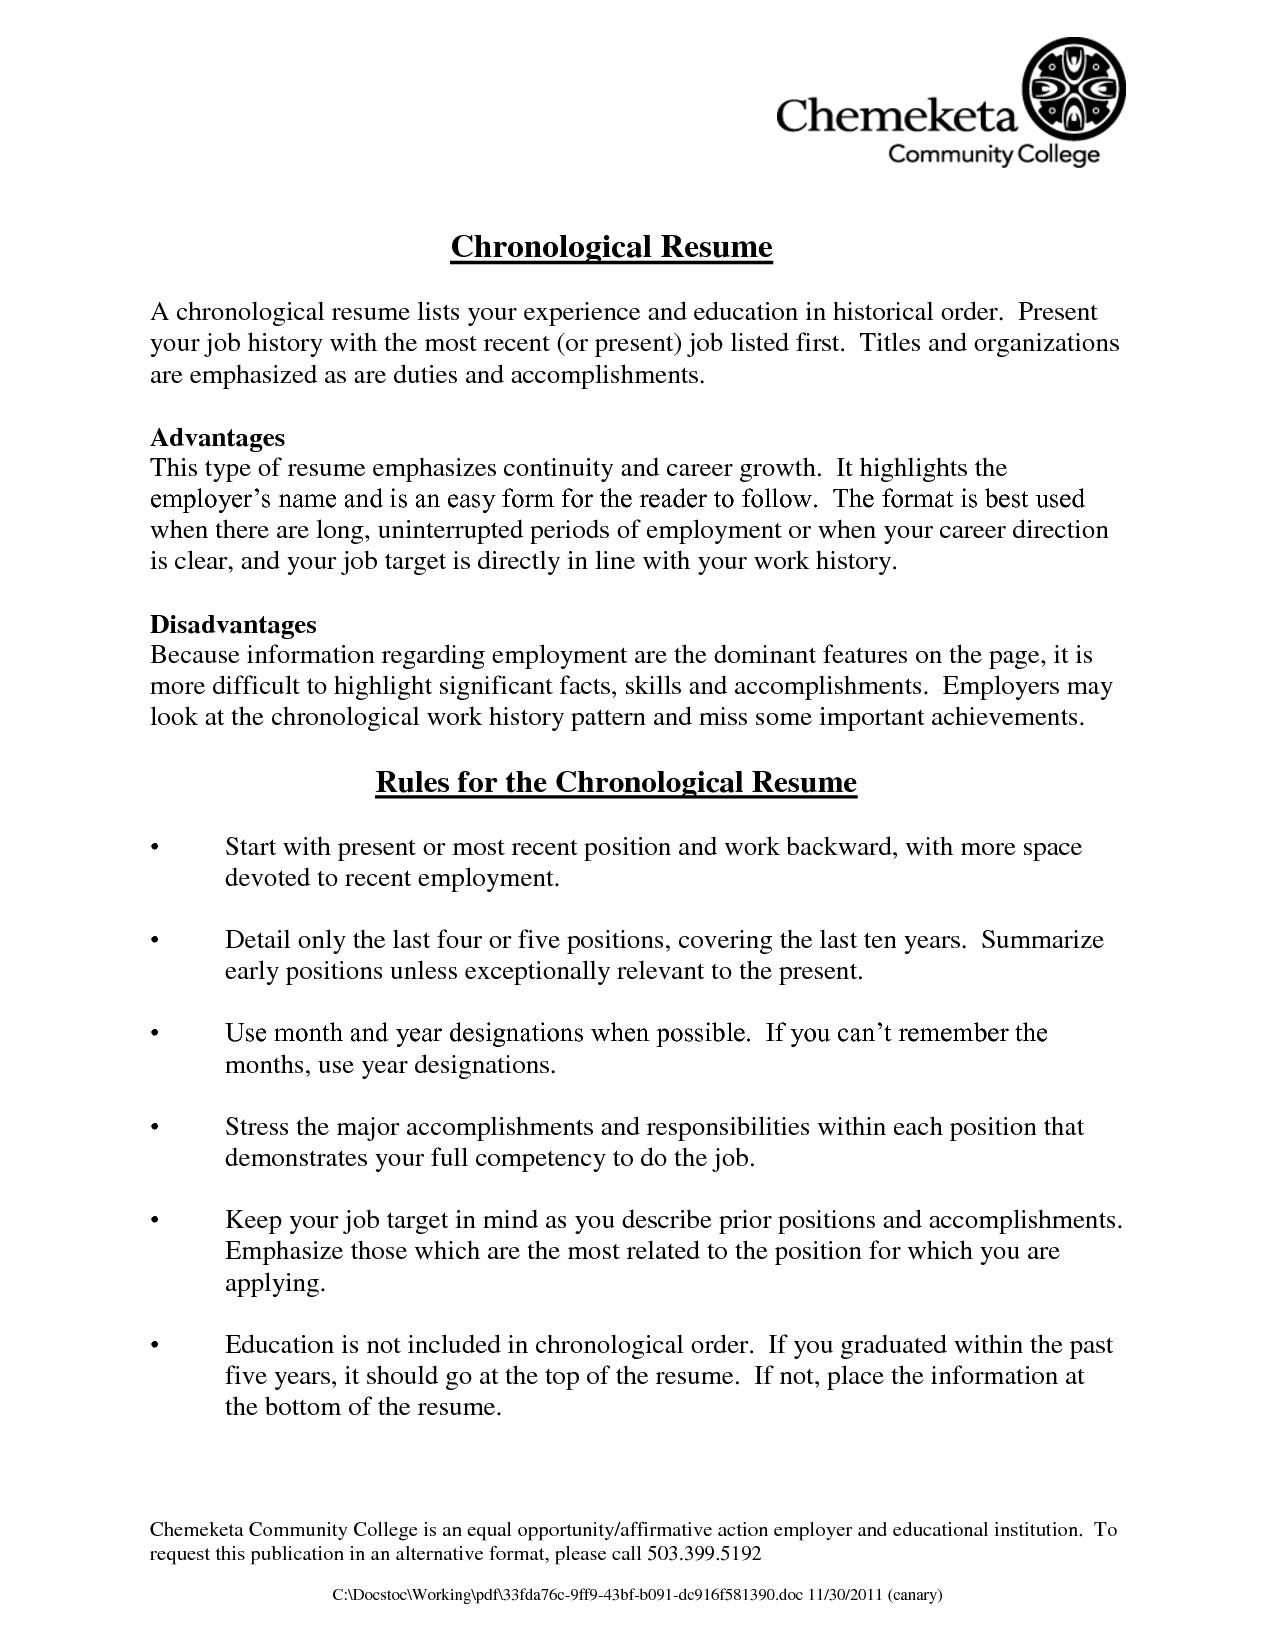 Letter Chronological Resume Sample And Format Letter Sample Lettersampl Xyz